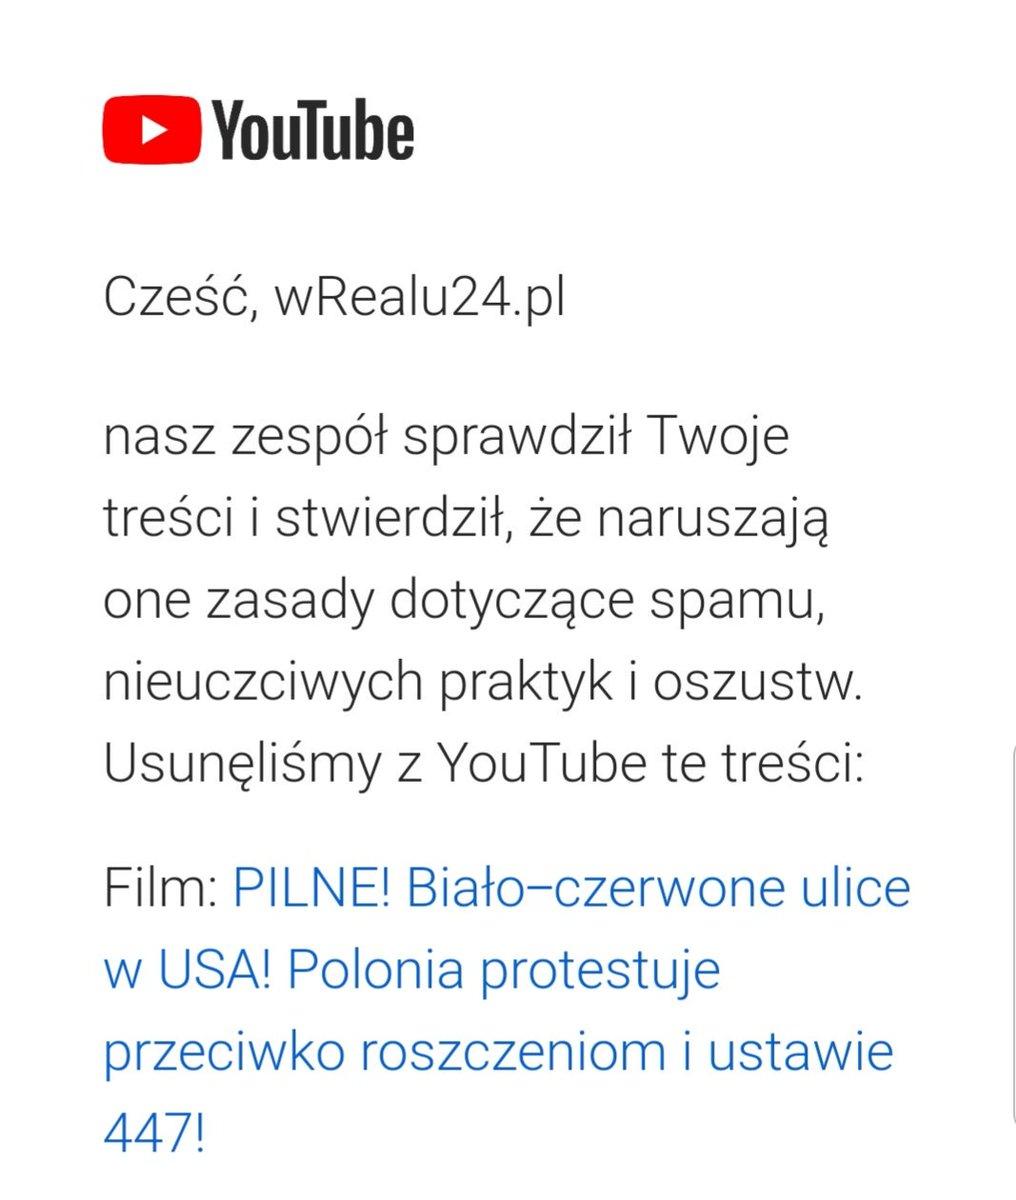 Uwaga Protesty środowisk Polonijnych W Usa Przeciwko Prawu